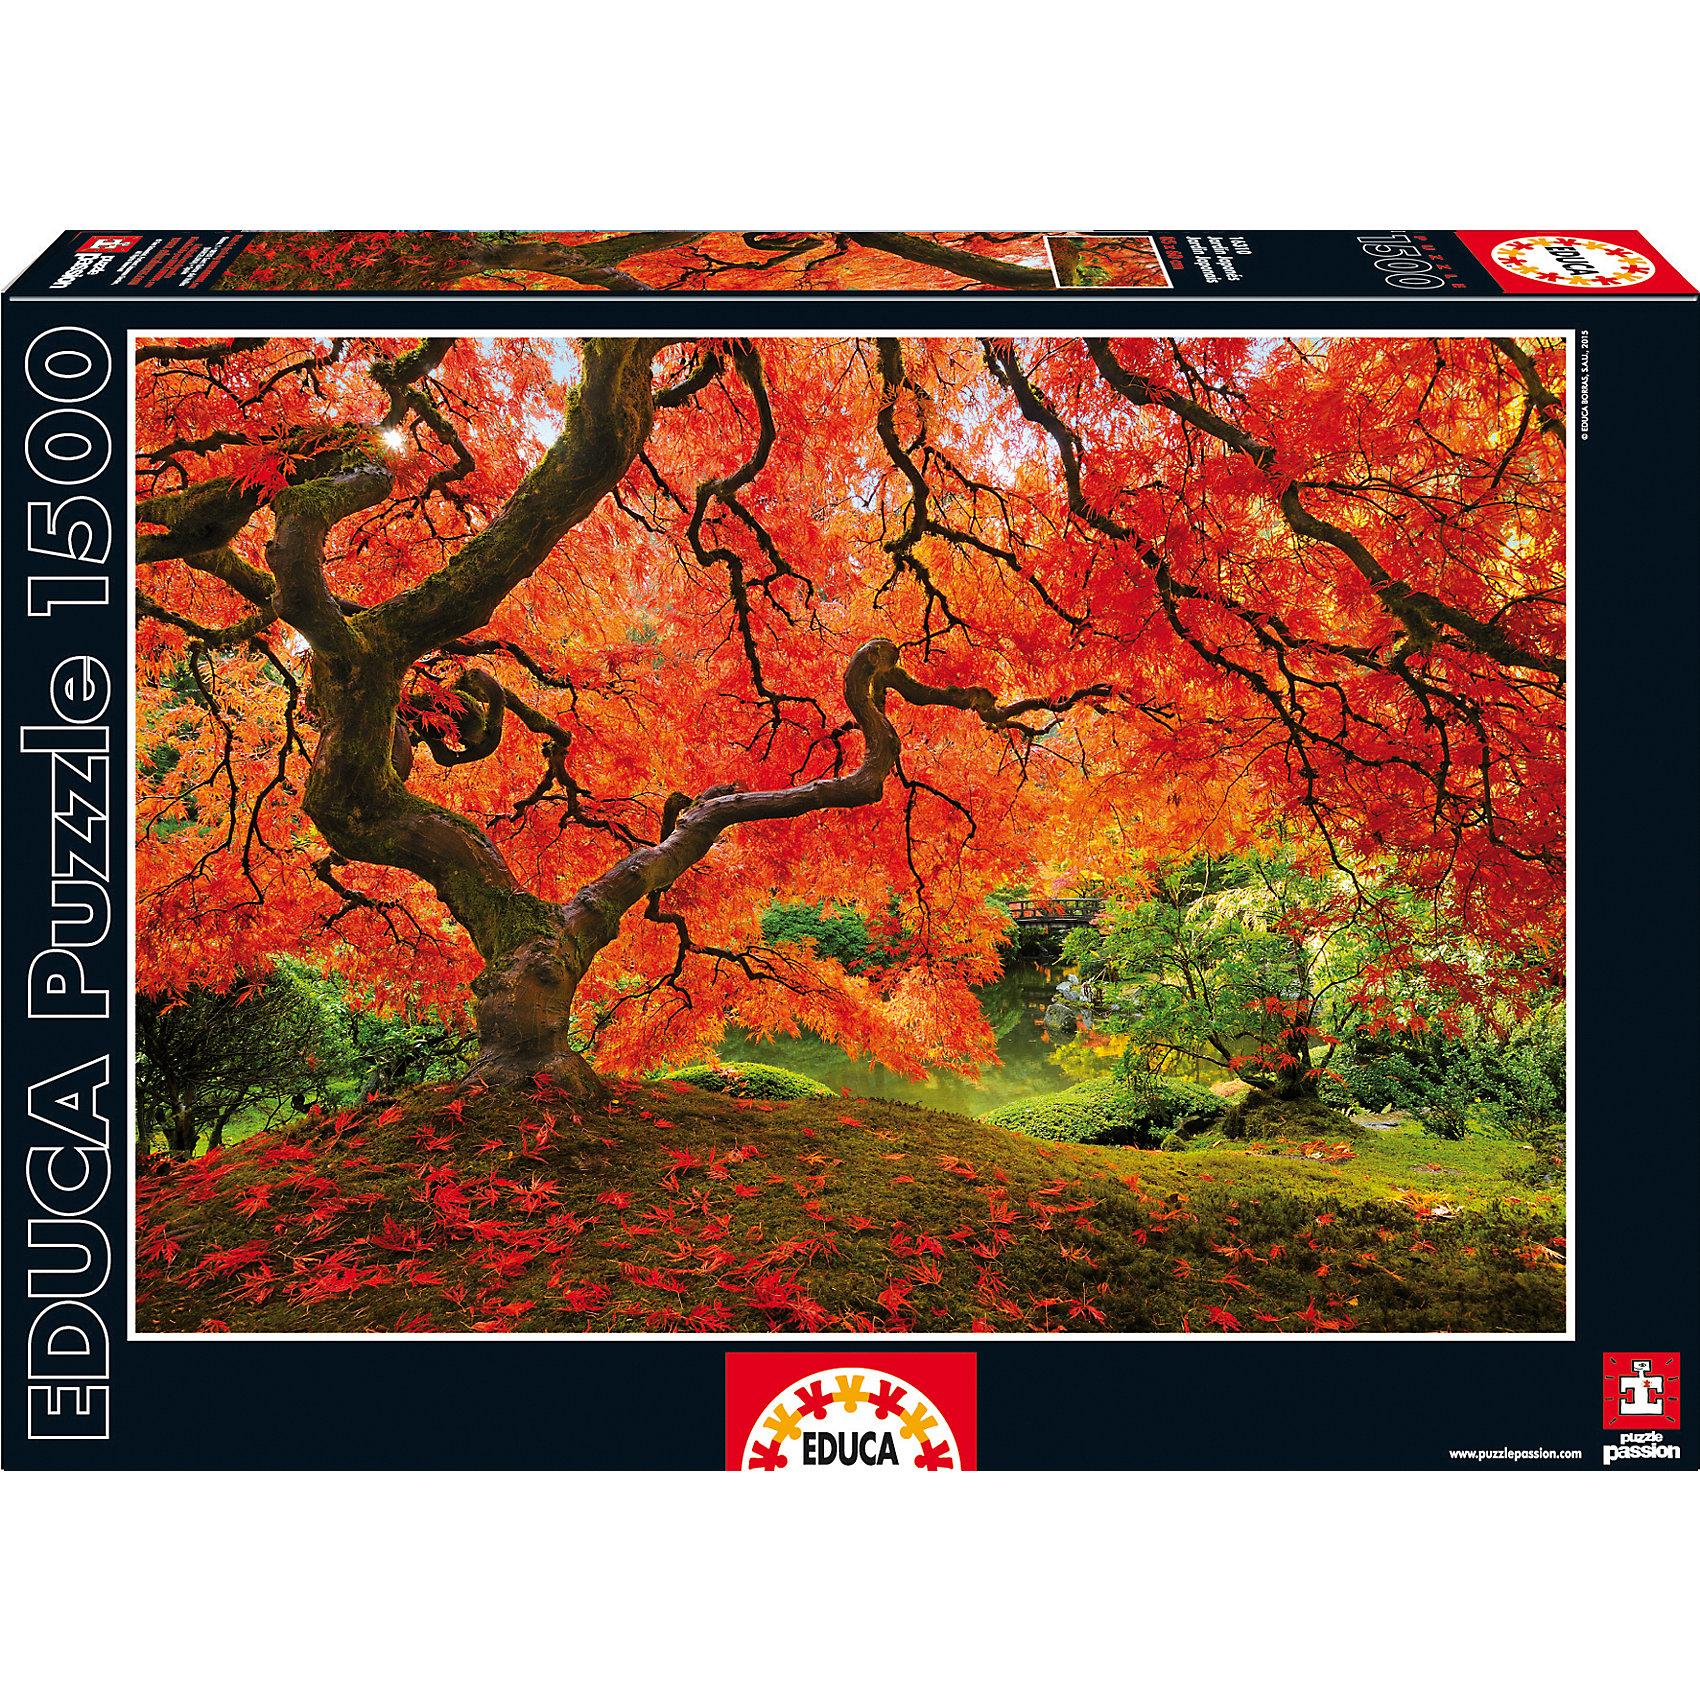 Пазл Осень в японском саду, 1500 деталей, EducaКлассические пазлы<br>Пазл Осень в японском саду, 1500 деталей, Educa (Эдука).<br><br>Характеристики:<br><br>• Размер упаковки: 430х300х55 мм.<br>• Вес: 1164г.<br>• Тип: пазл-мозаика.<br>• Возраст: с 11лет.<br>• 1500 деталей.<br>• Размер собранной картинки: 85 х 68 см.<br>• ISBN: 8412668163102<br>• Материал: картон.<br><br>Пазл Осень в японском саду, 1500 деталей, Educa(Эдука) это великолепный подарок, как для ребенка, так и для взрослого. Большой увлекательный пазл объединит всю семью за интересным занятием, отвлечет от повседневных дел, обучит терпению и внимательности. Пазлы Educa(Эдука)– это не только яркие, интересные изображения, но и высочайшее качество продукции. <br><br>Каждый пазл фирмы Educa(Эдука)изготовлен и упакован с большой тщательностью. Особенности пазлов Educa(Эдука)отсутствие двух одинаковых деталей; части пазла идеально соединяются; прочные детали не ломаются; изготовлены из экологического сырья.<br><br>Пазл Осень в японском саду, 1500 деталей, Educa(Эдука), можно купить в нашем интернет – магазине.<br><br>Ширина мм: 430<br>Глубина мм: 300<br>Высота мм: 55<br>Вес г: 1164<br>Возраст от месяцев: 36<br>Возраст до месяцев: 2147483647<br>Пол: Унисекс<br>Возраст: Детский<br>SKU: 5436308